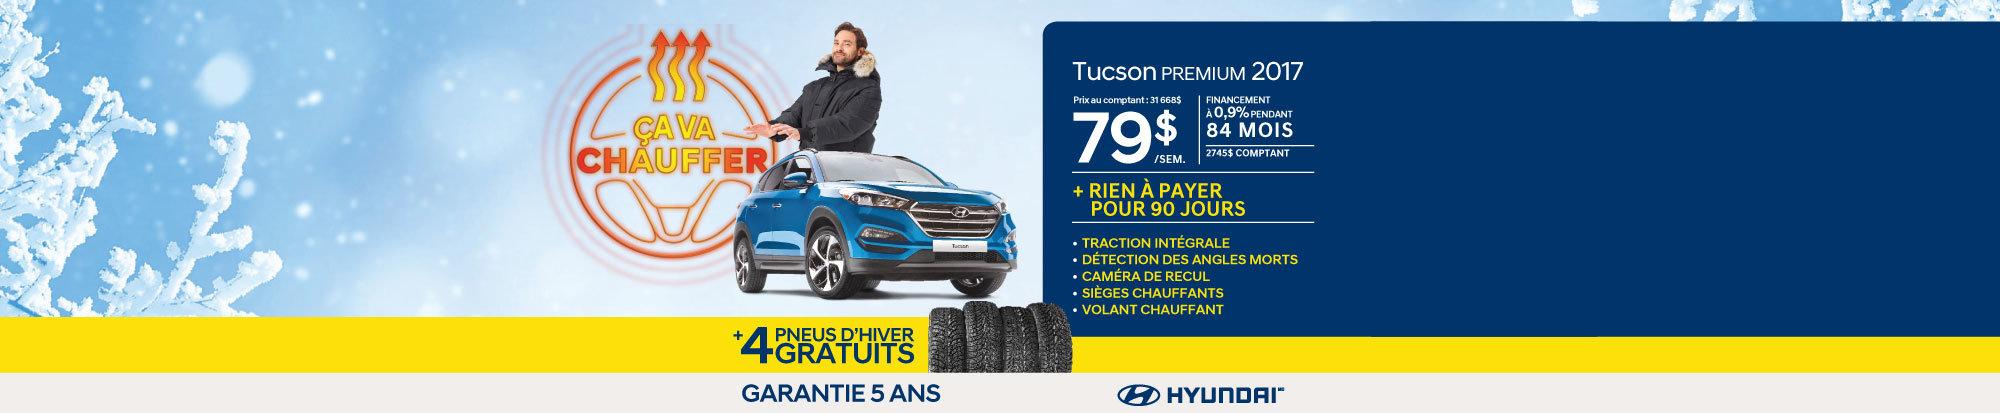 Hyundai Tucson 2017 web